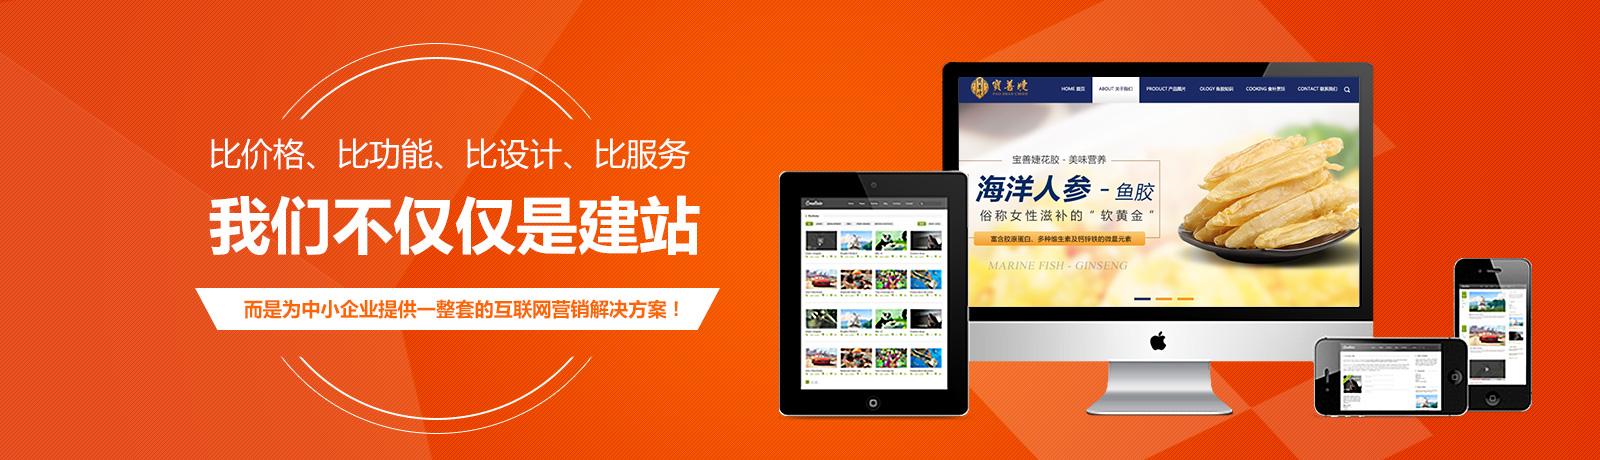 重庆jian网站公司